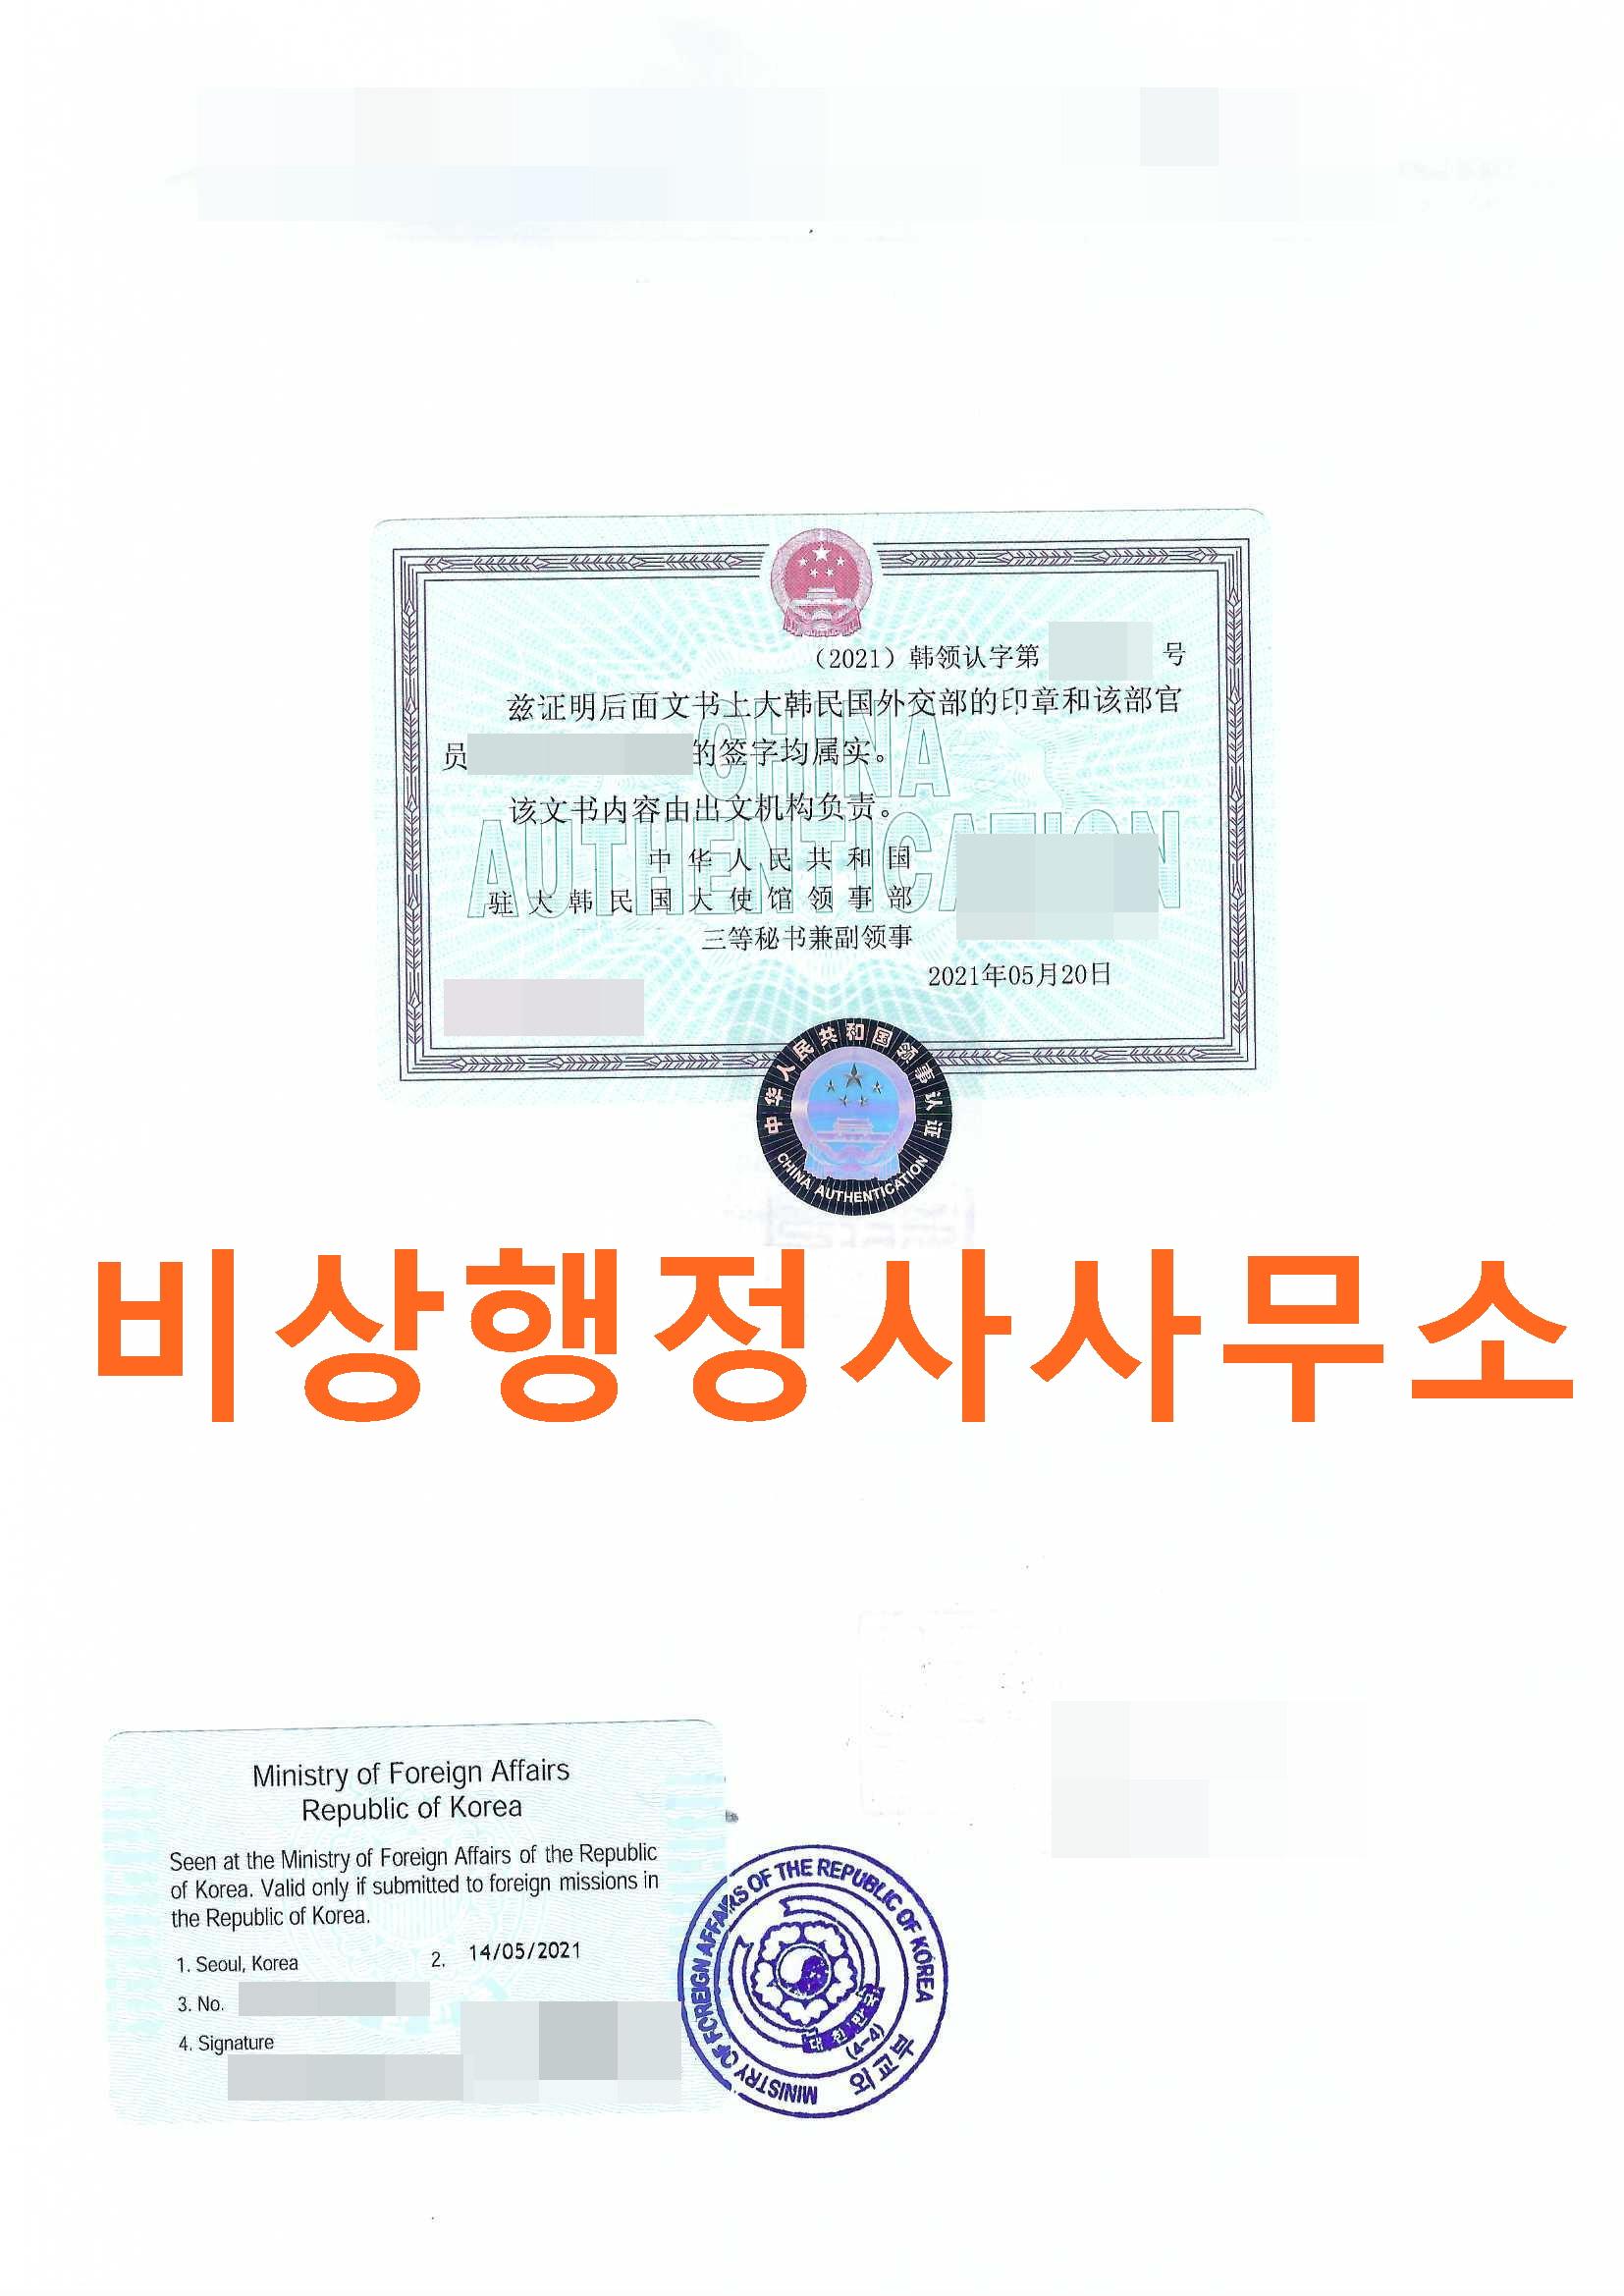 [꾸미기]페이지_ 혼인관계증명서번역공증(d원종필님)-3.jpg